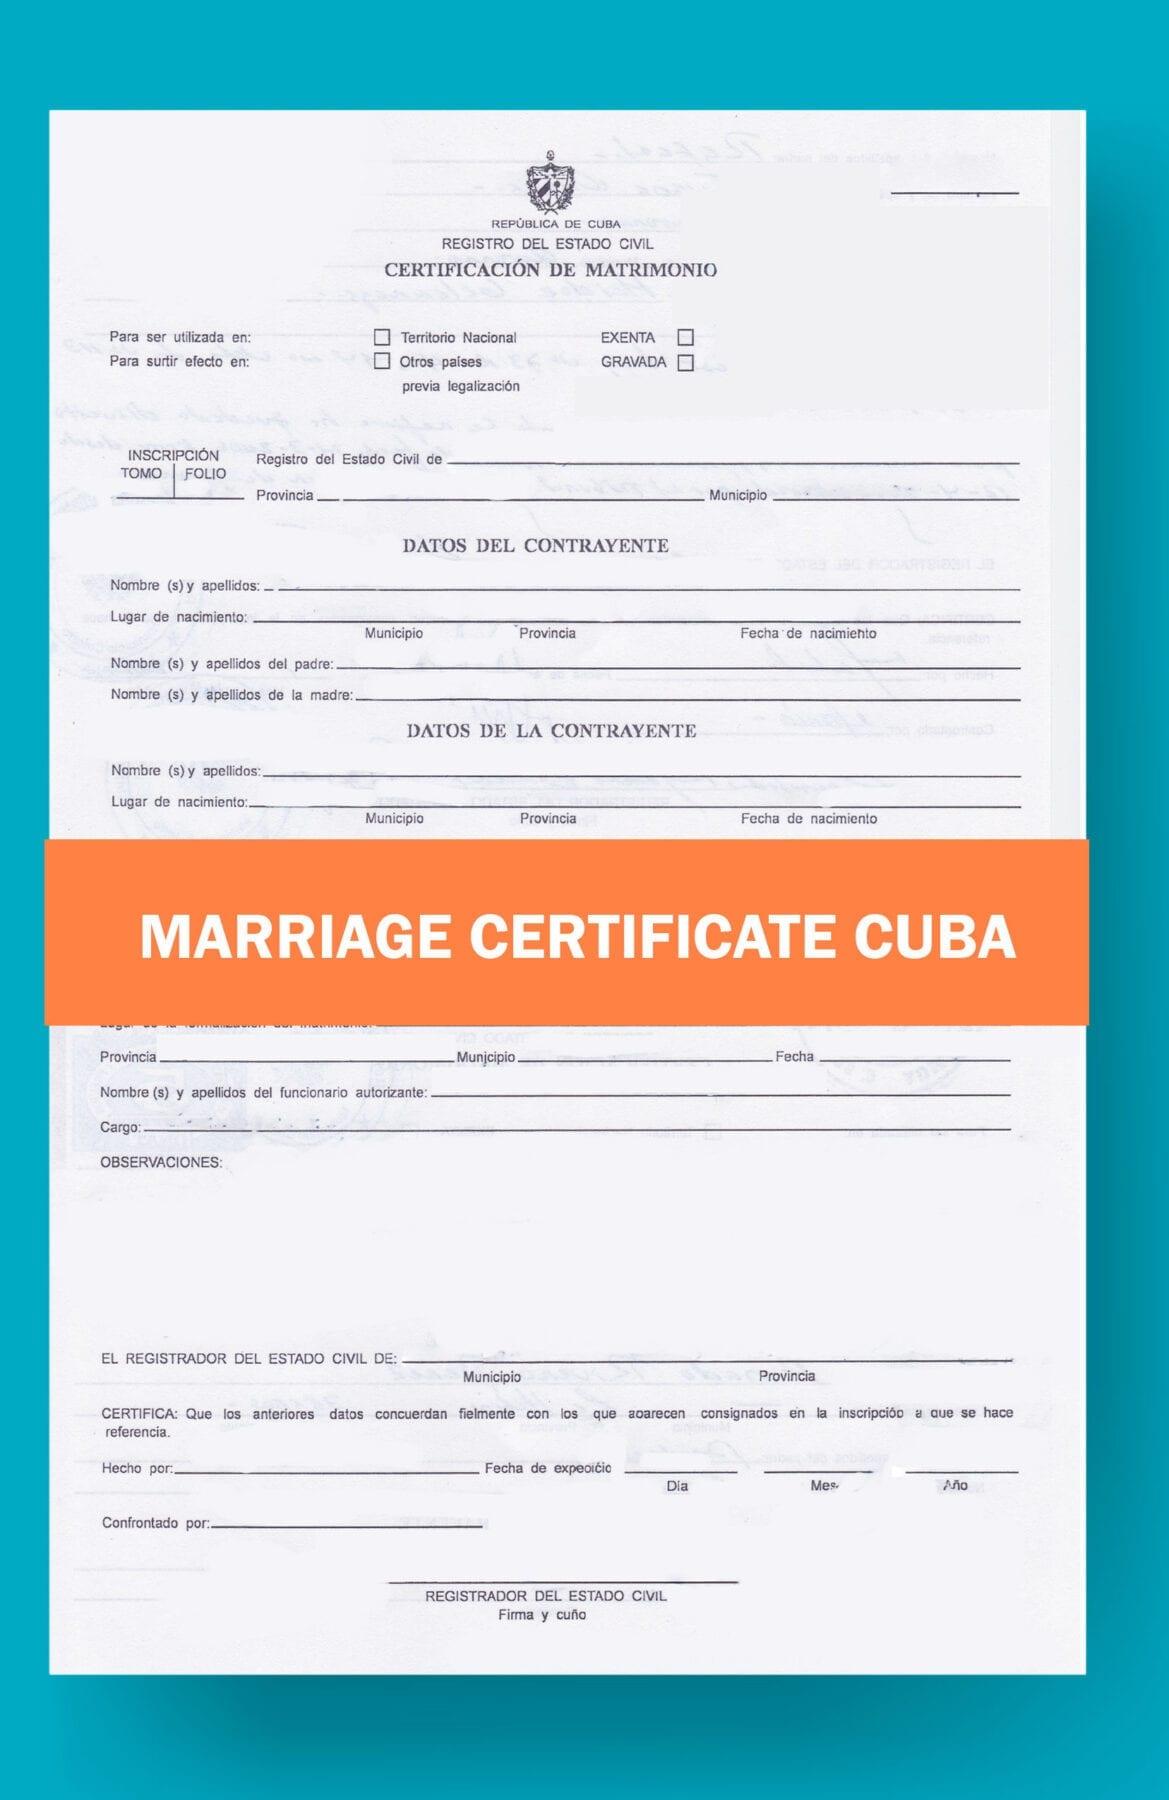 MARRIAGE-CERTIFICATE-TEMPLATE-CUBA